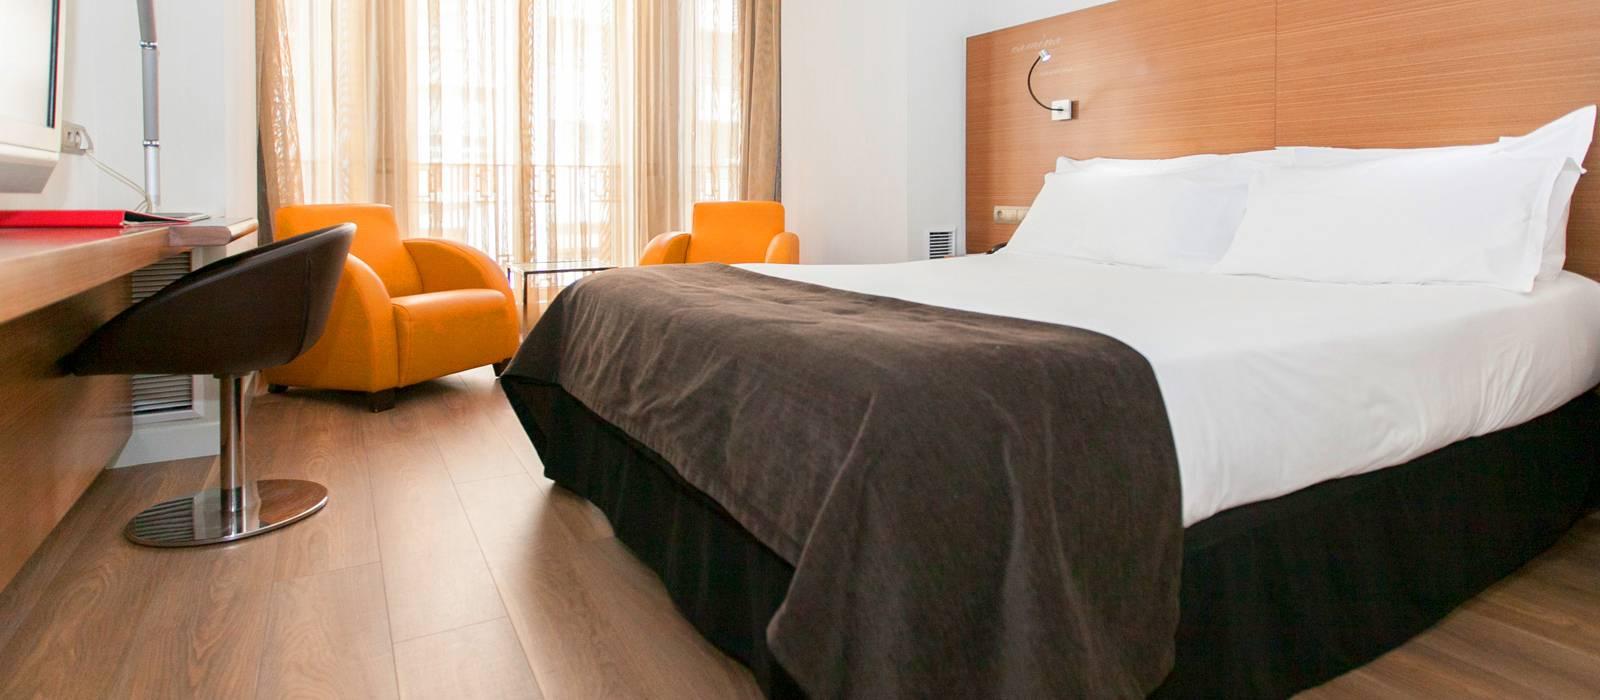 Photos And Videos Vincci Hoteles